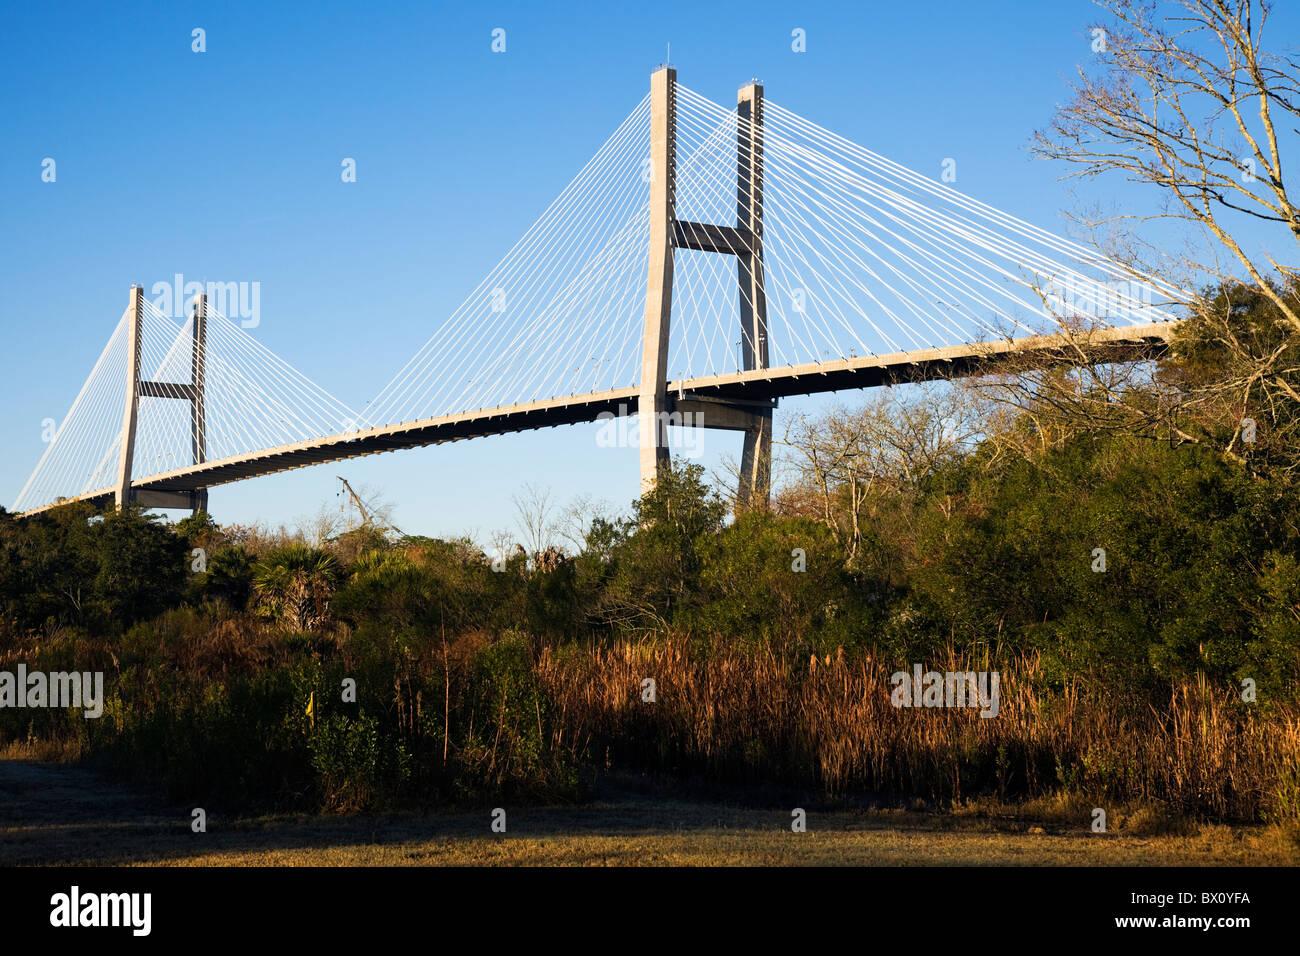 Talmadge Memorial Bridge in Savannah - Stock Image